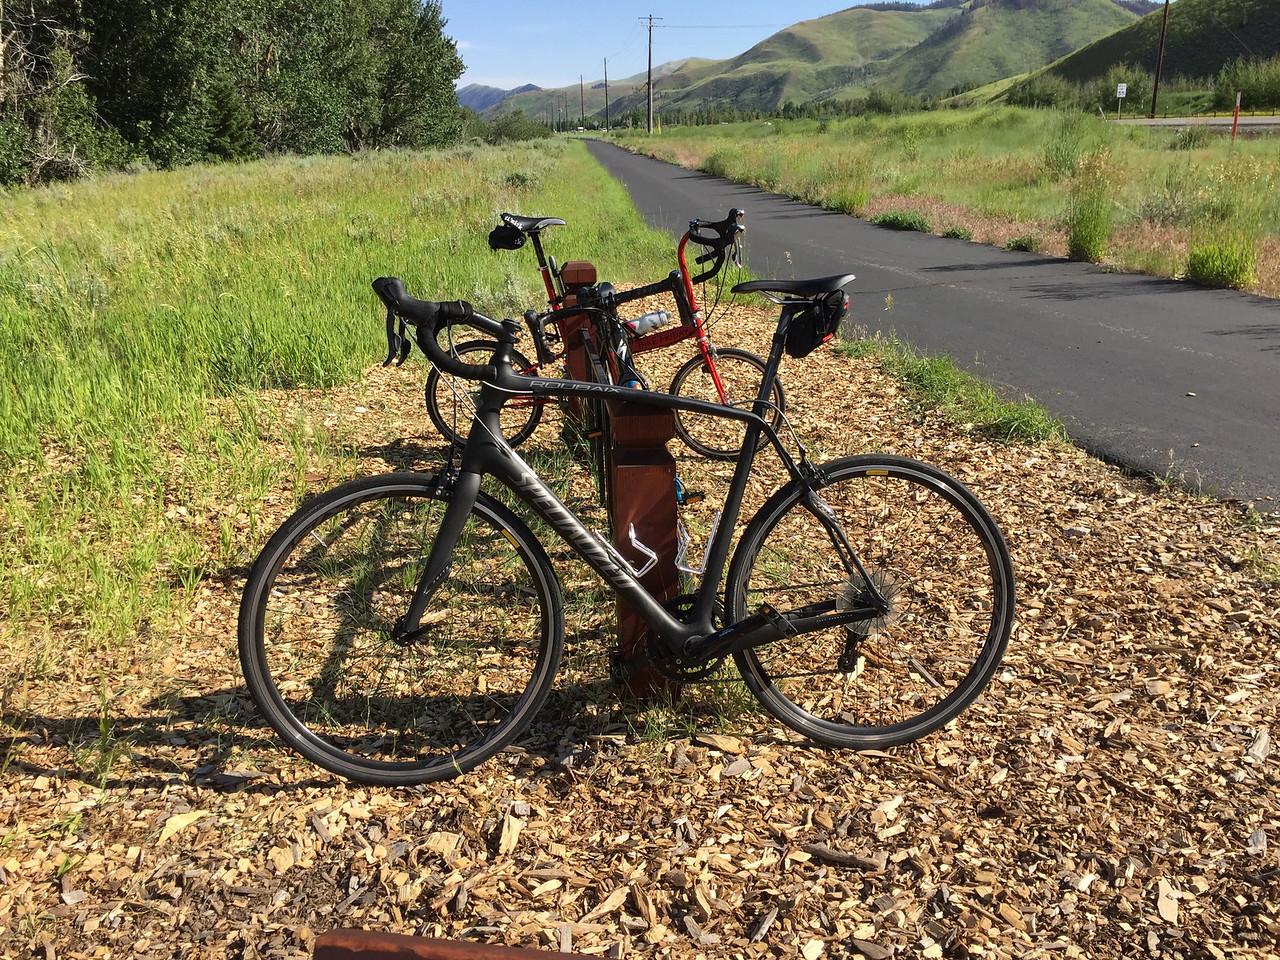 Niel's Specialized Roubaix rental bike!